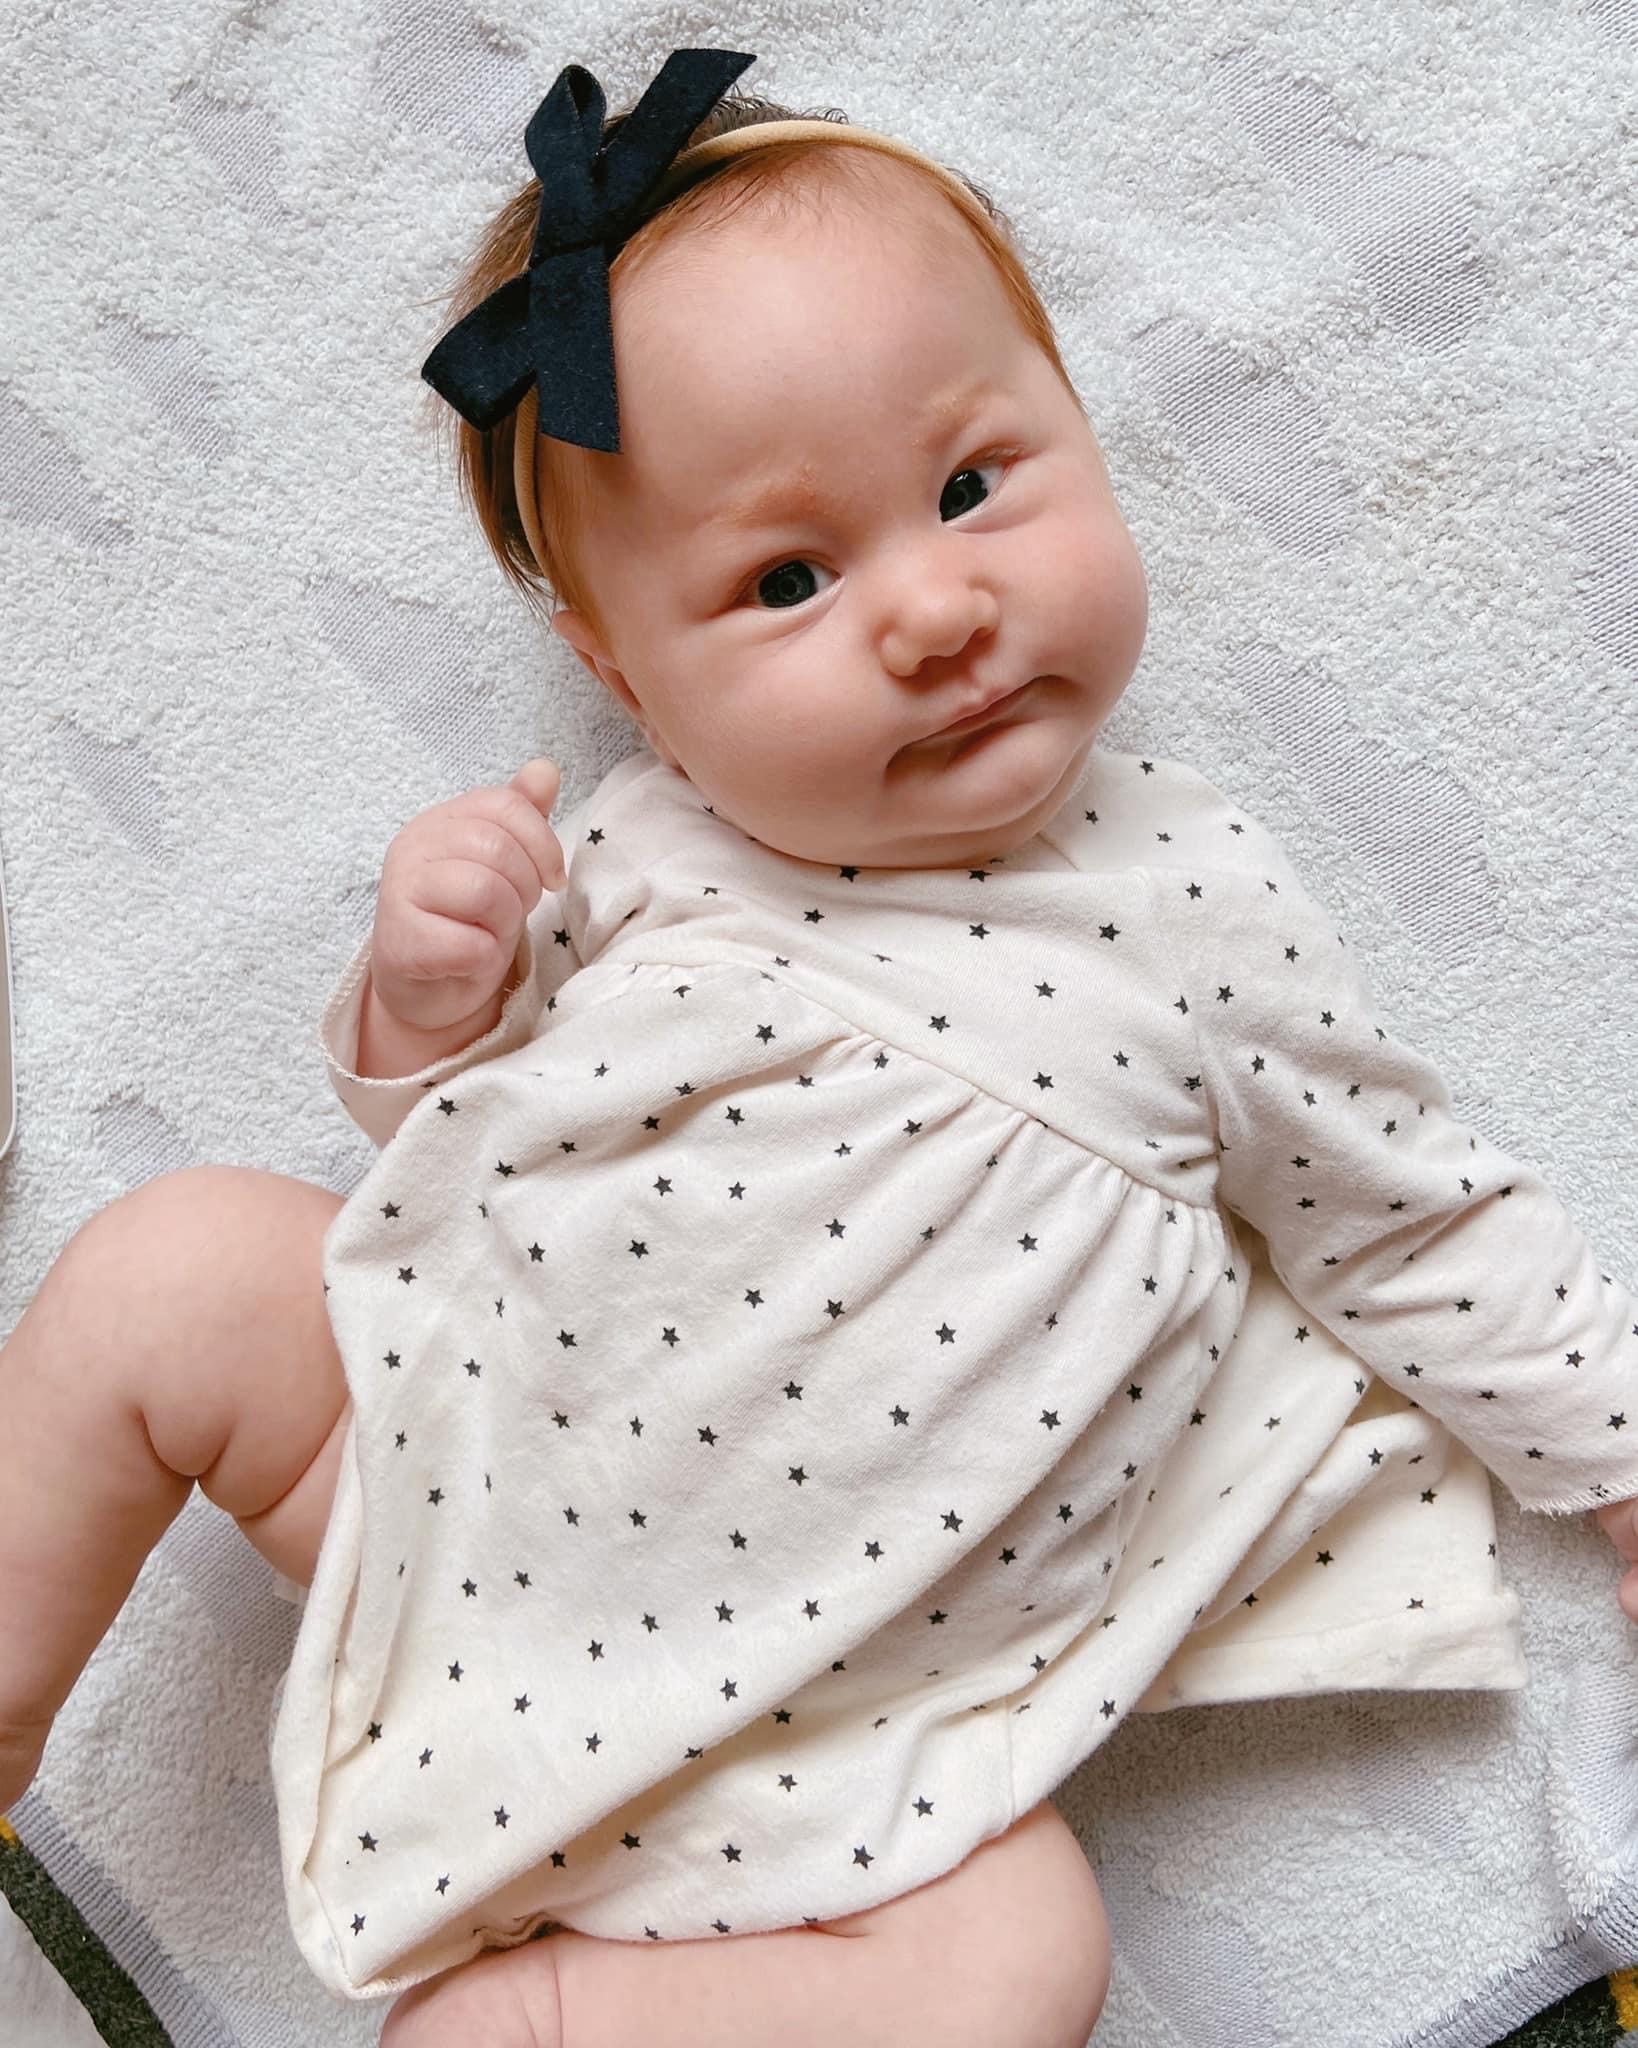 Newborn patient Emilia wearing a polka dot onesie